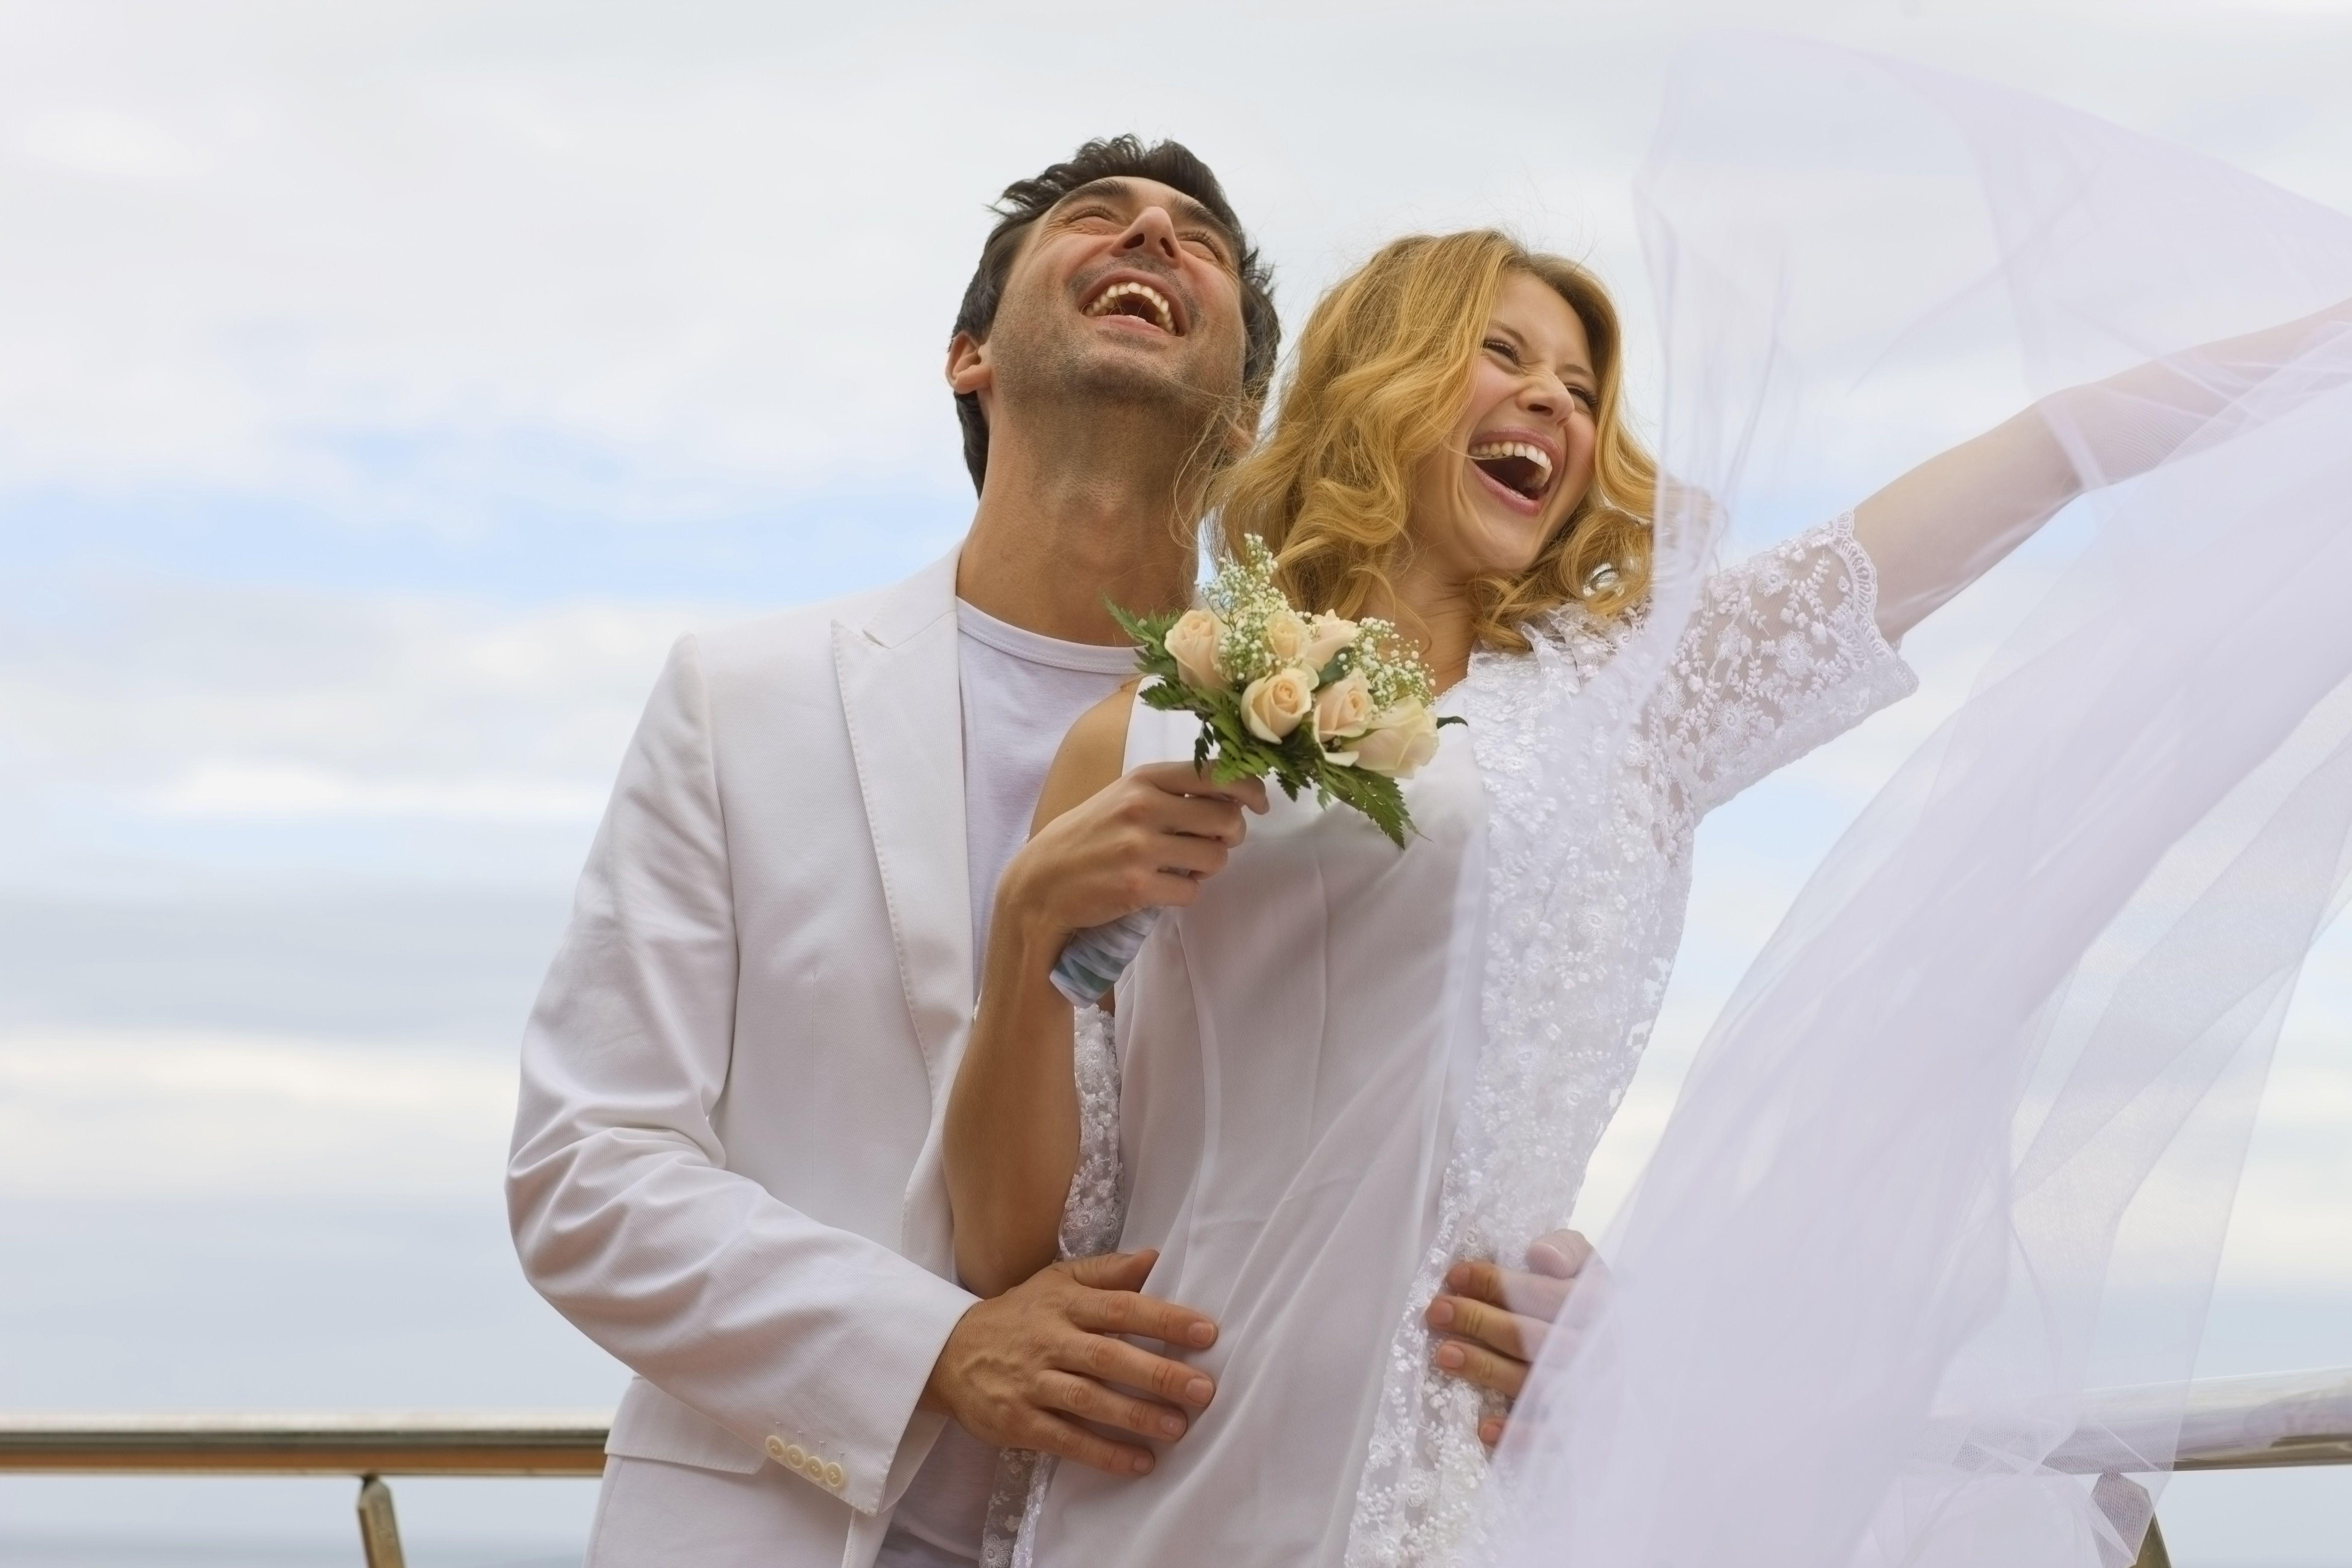 Una boda novedosa puede ser en un yate, en un globo aerostatico, en un teatro, o en un lugar especial.